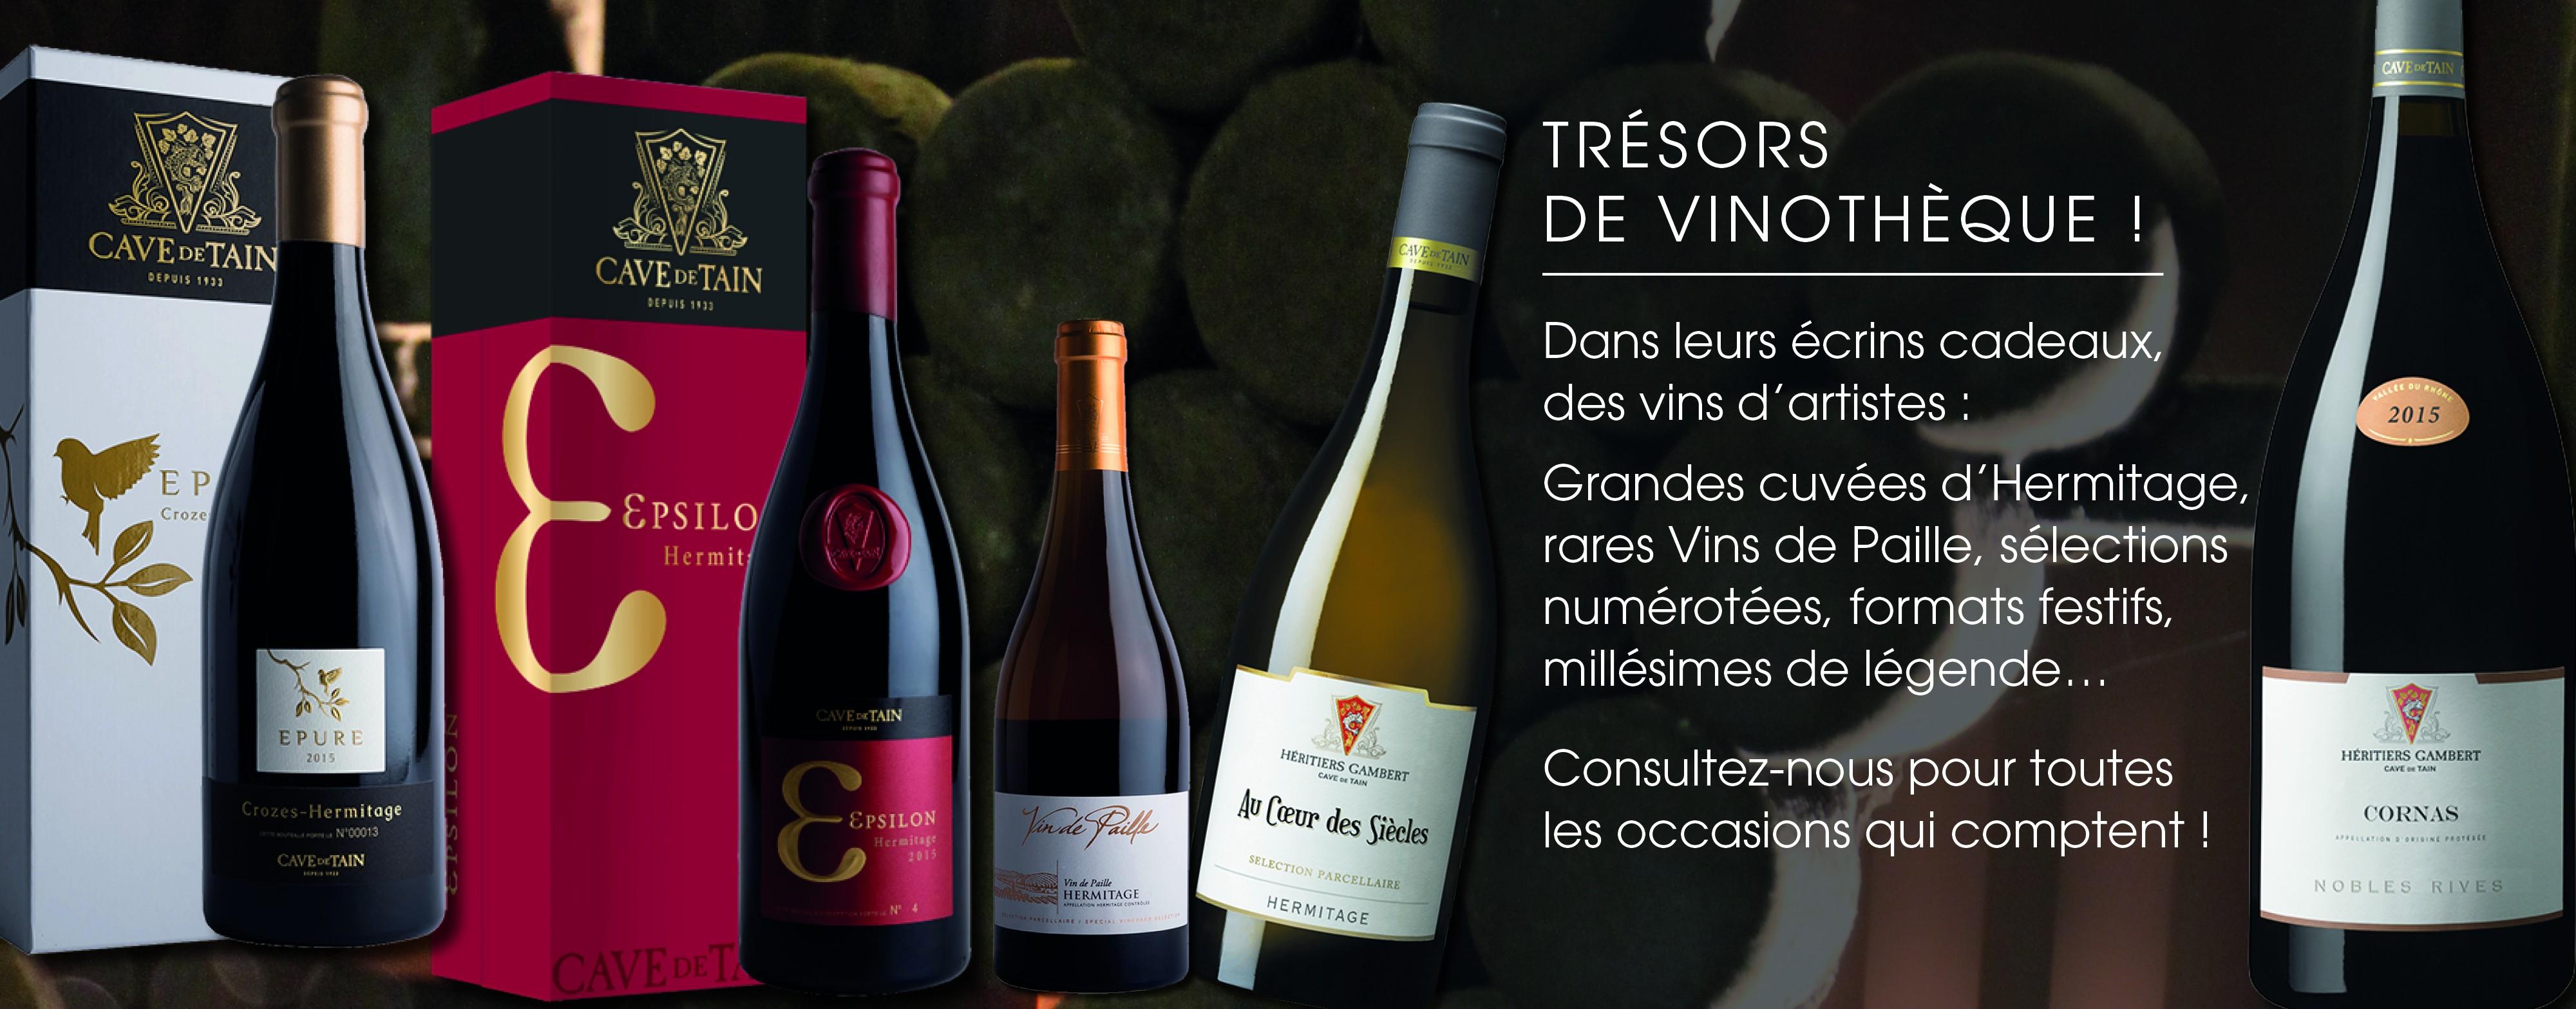 Trésors de vinotheque